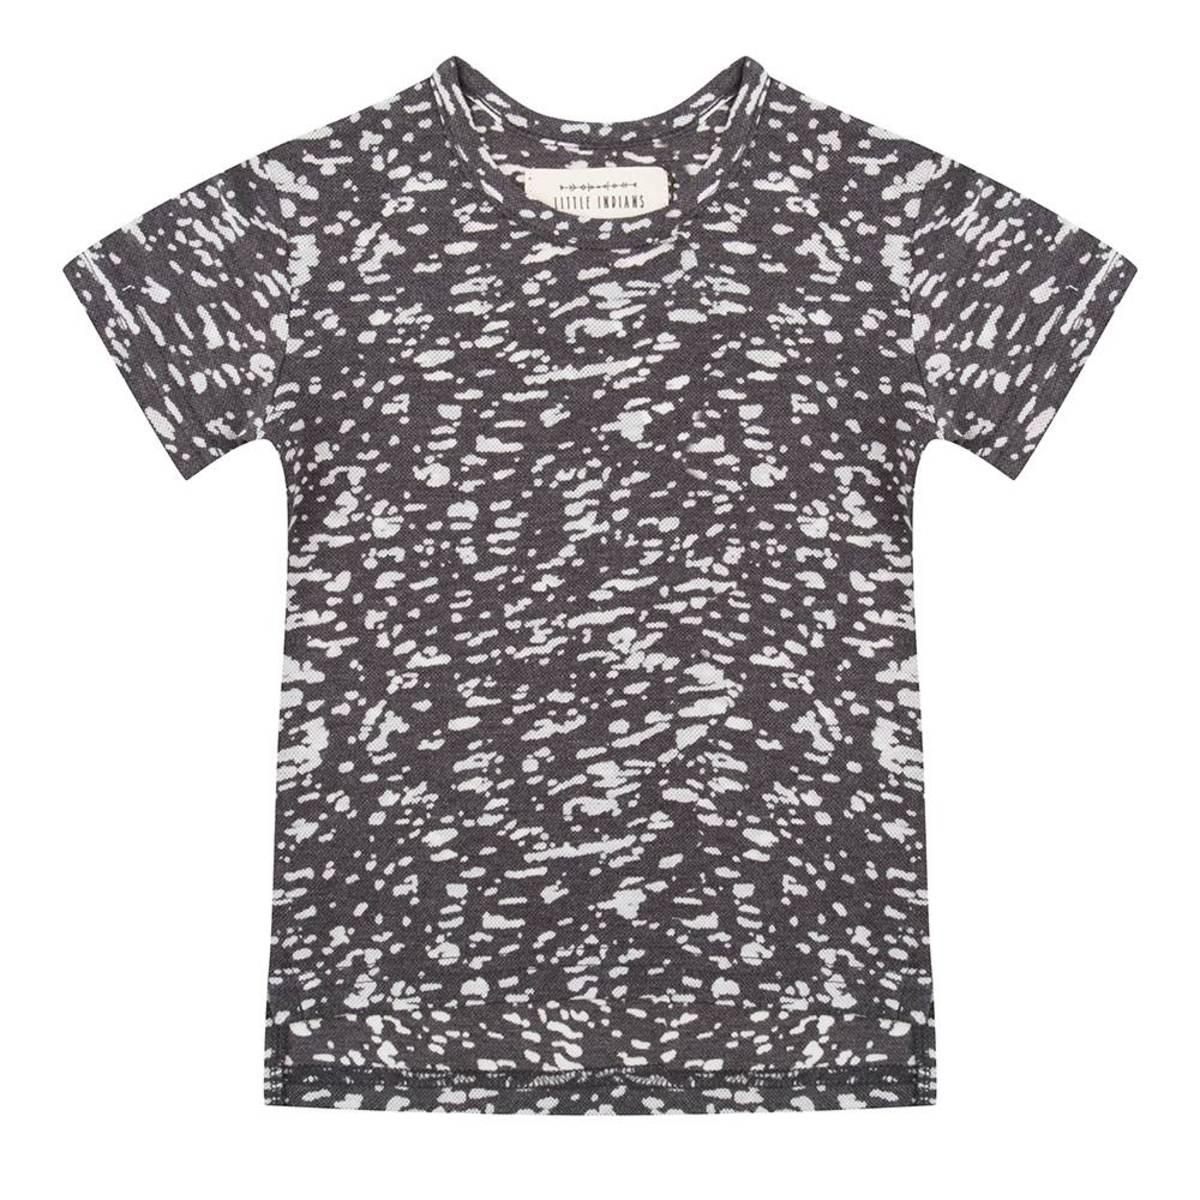 Hauts bébé Tee-Shirt manches courtes Burnout Noir - 9/12 mois Tee-Shirt manches courtes Burnout Noir - 9/12 mois